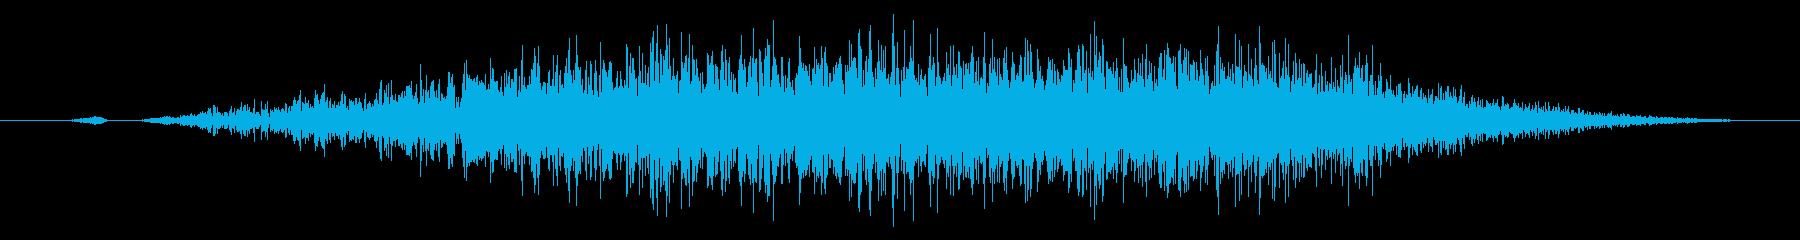 スワイプ/キャンセル/システム系サウンドの再生済みの波形